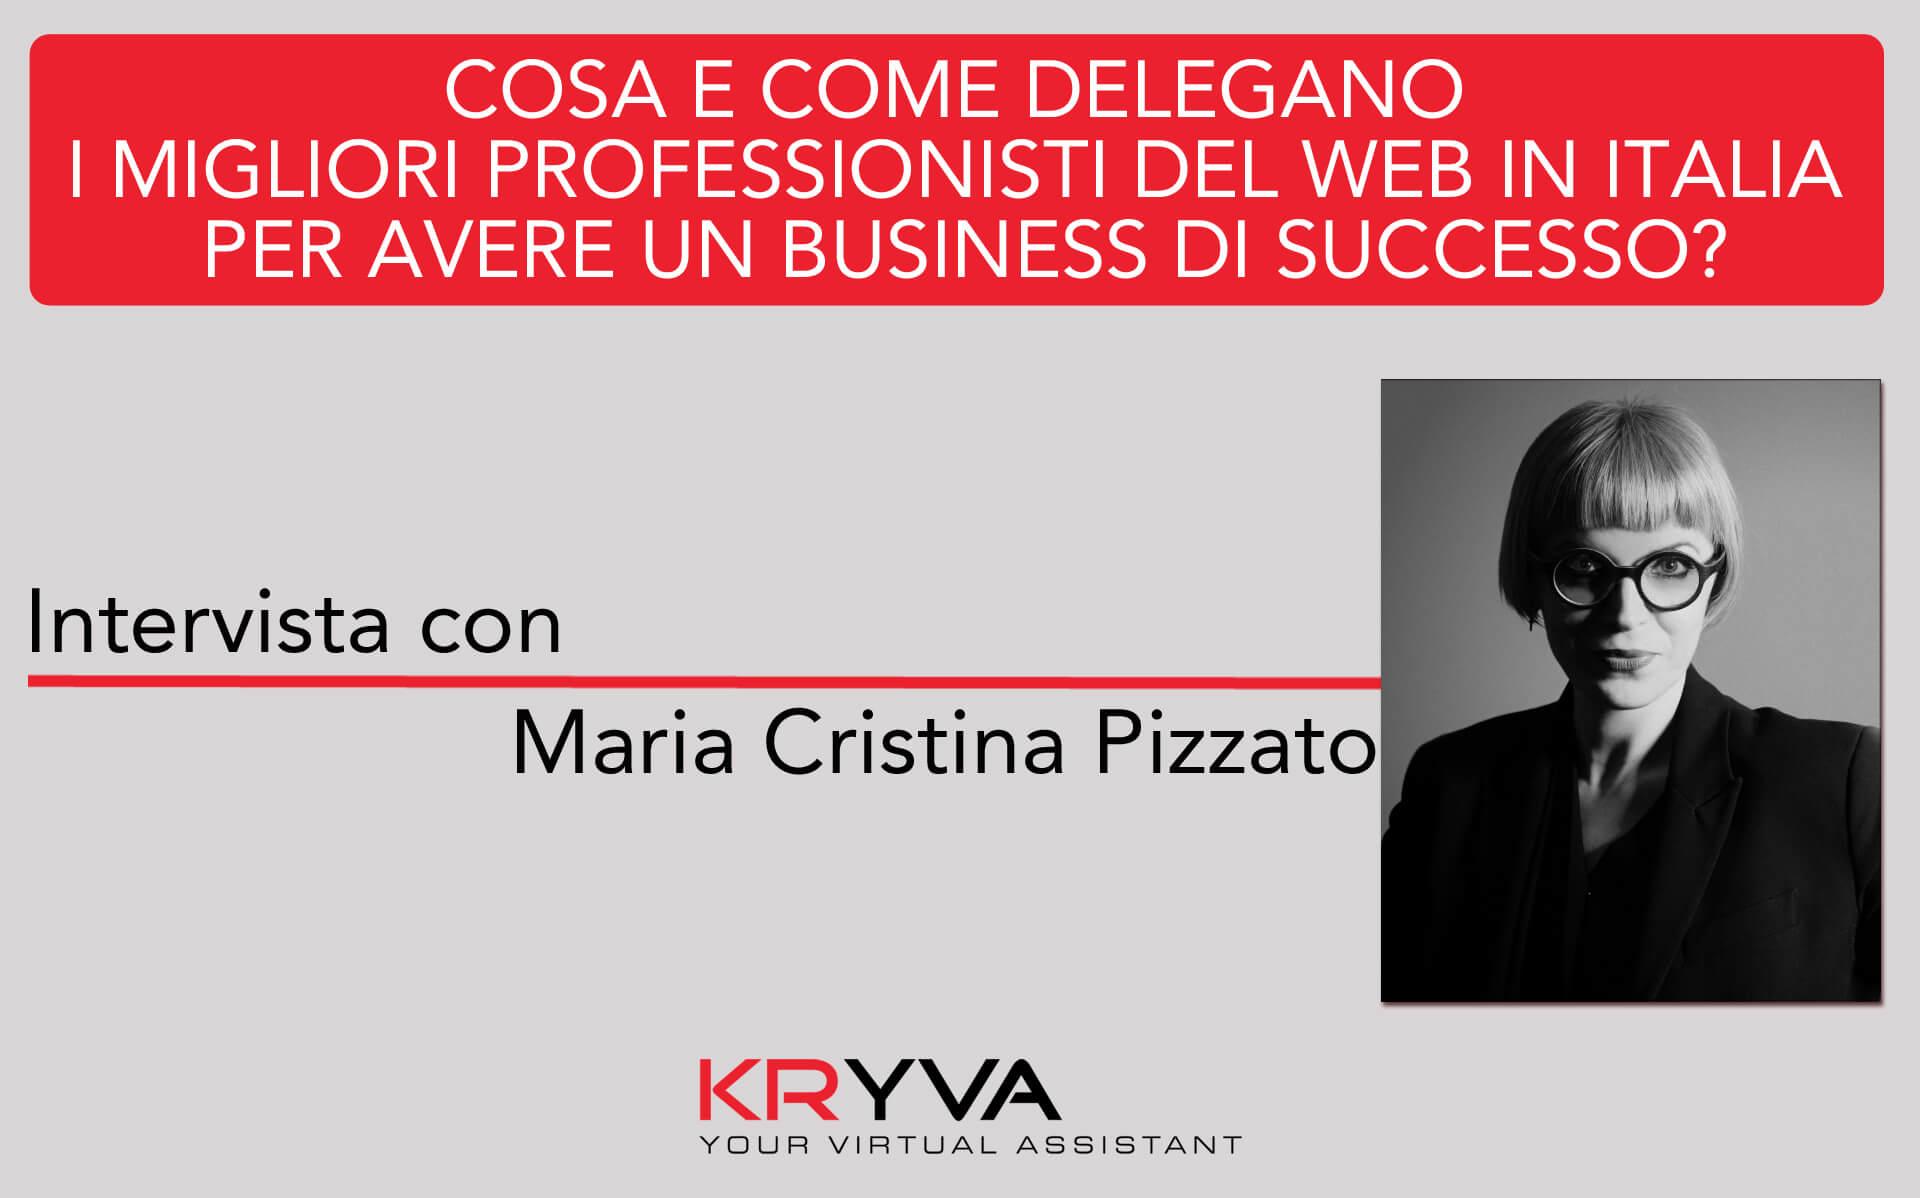 La fortuna di lavorare con persone di cui sei responsabile, ma con skill più innovative delle tue | Intervista con Maria Cristina Pizzato